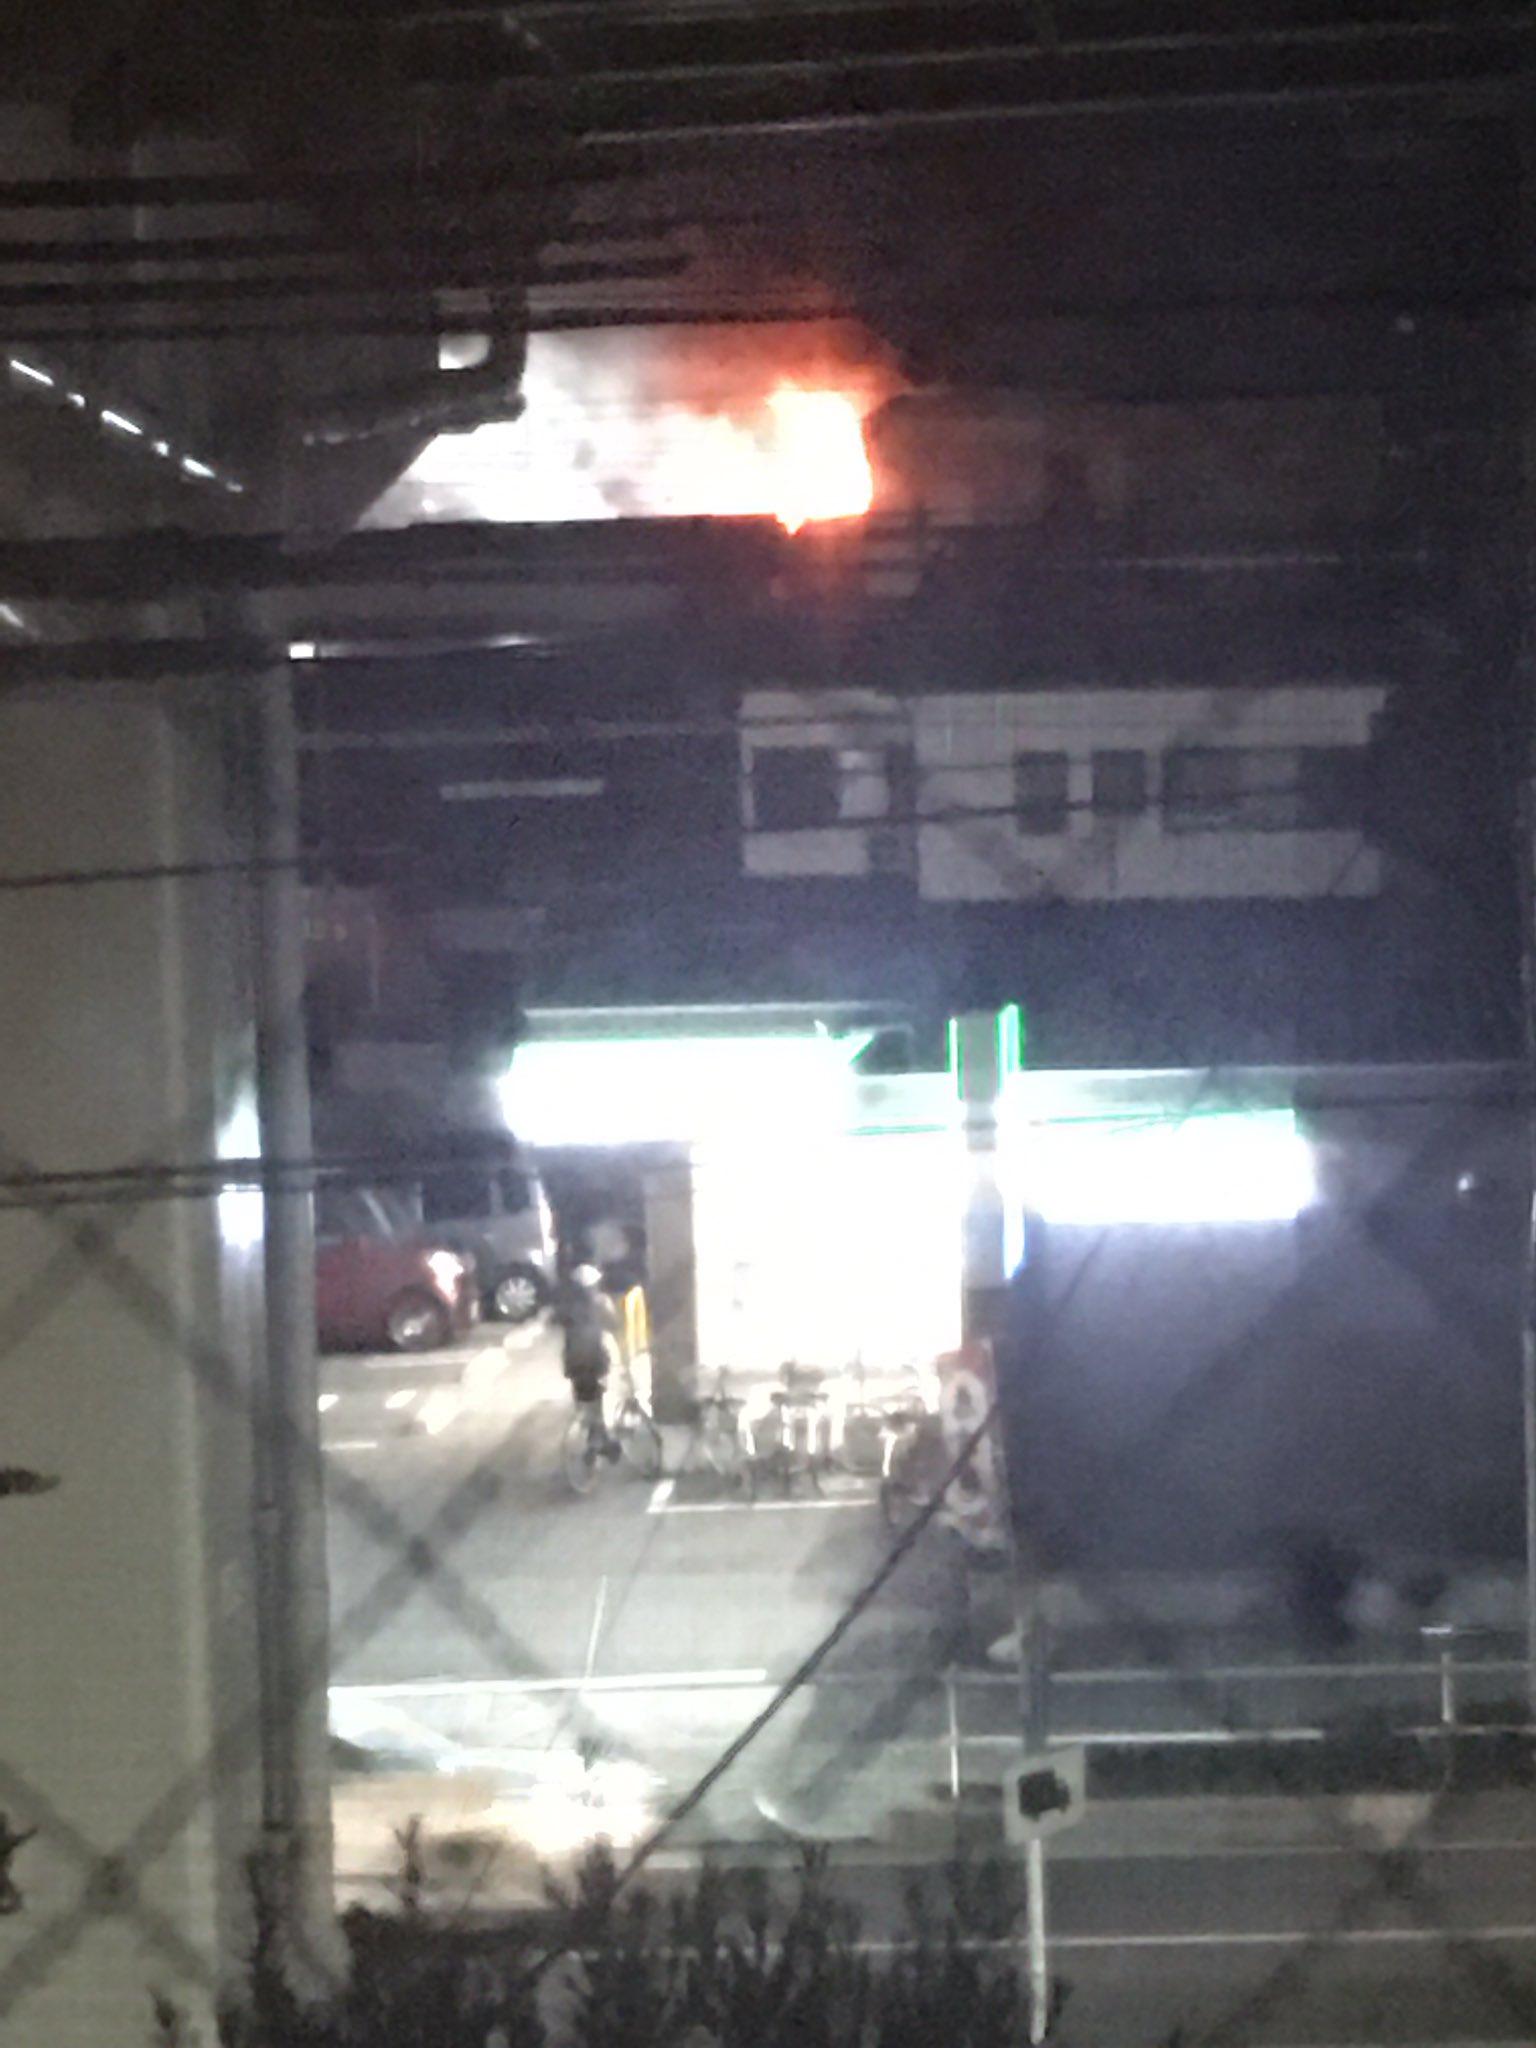 名古屋市中村区岩塚町の住宅で火事が起きている現場の画像